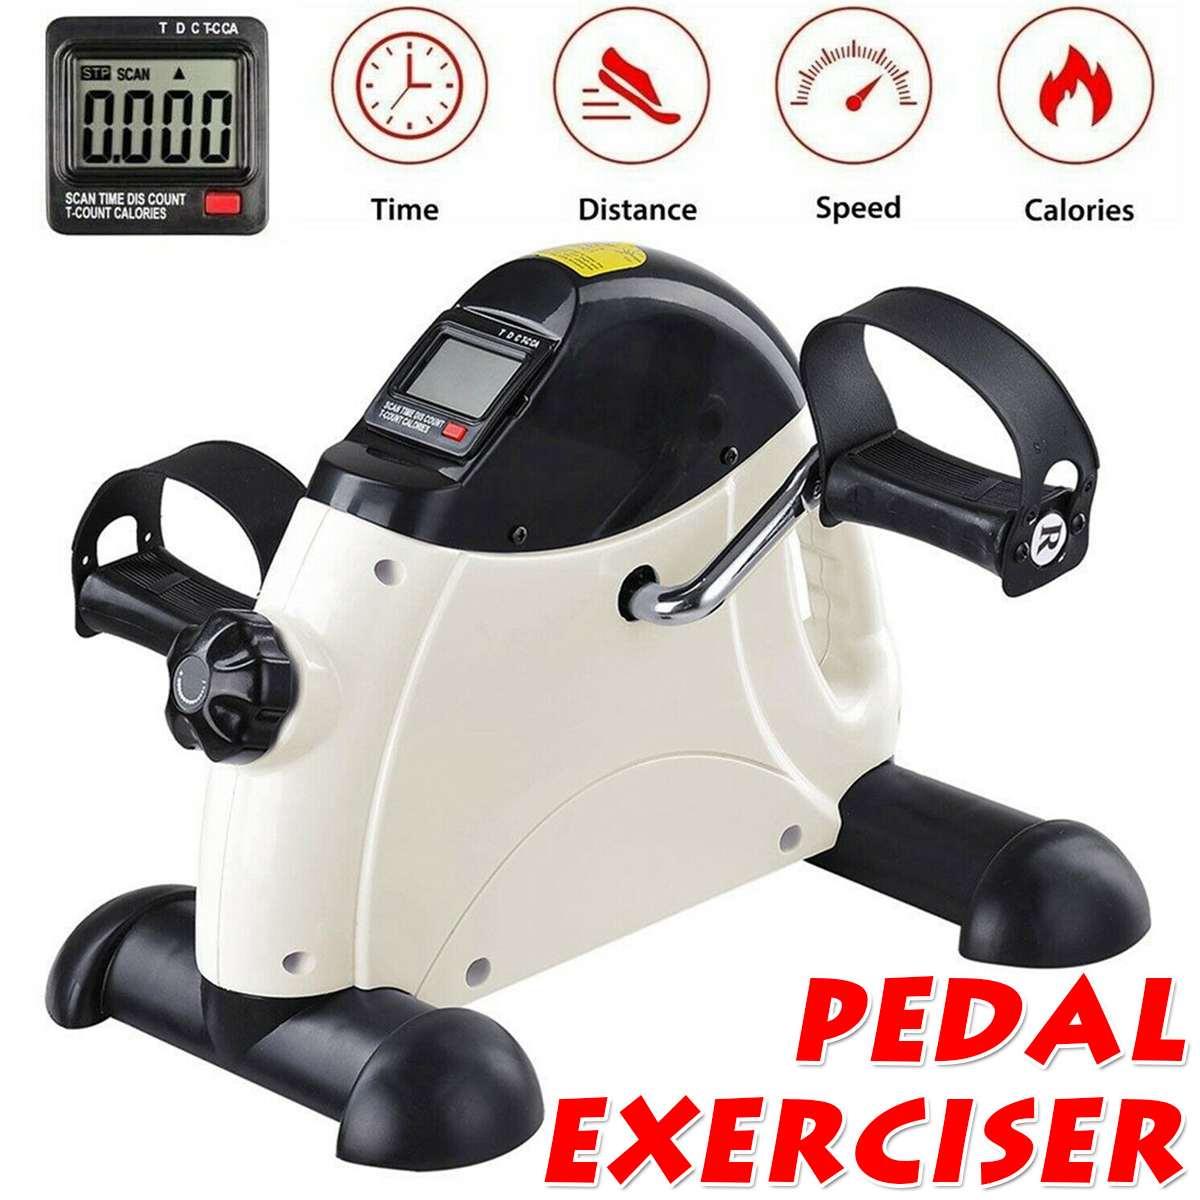 Мини-педаль, шаговый тренажер, ЖК-дисплей, крытый, велосипедный, шаговый, беговая дорожка, тренажер для дома, офиса, тренажерного зала